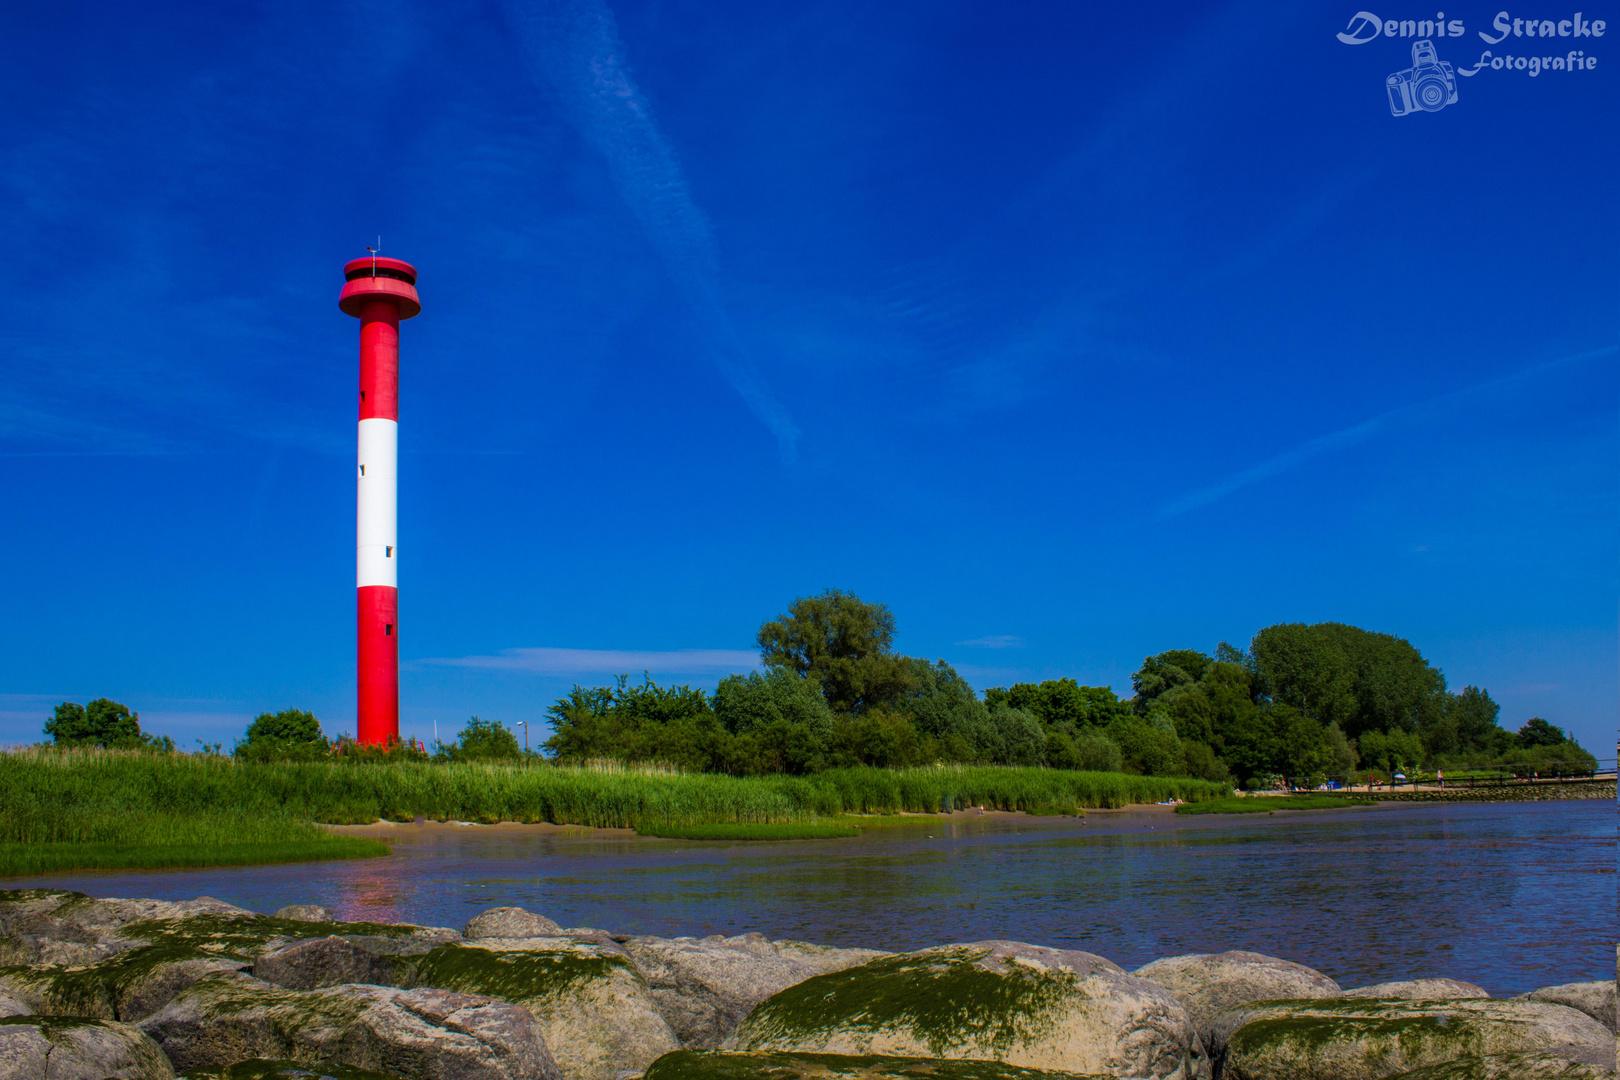 Leuchtturm von Kollmar